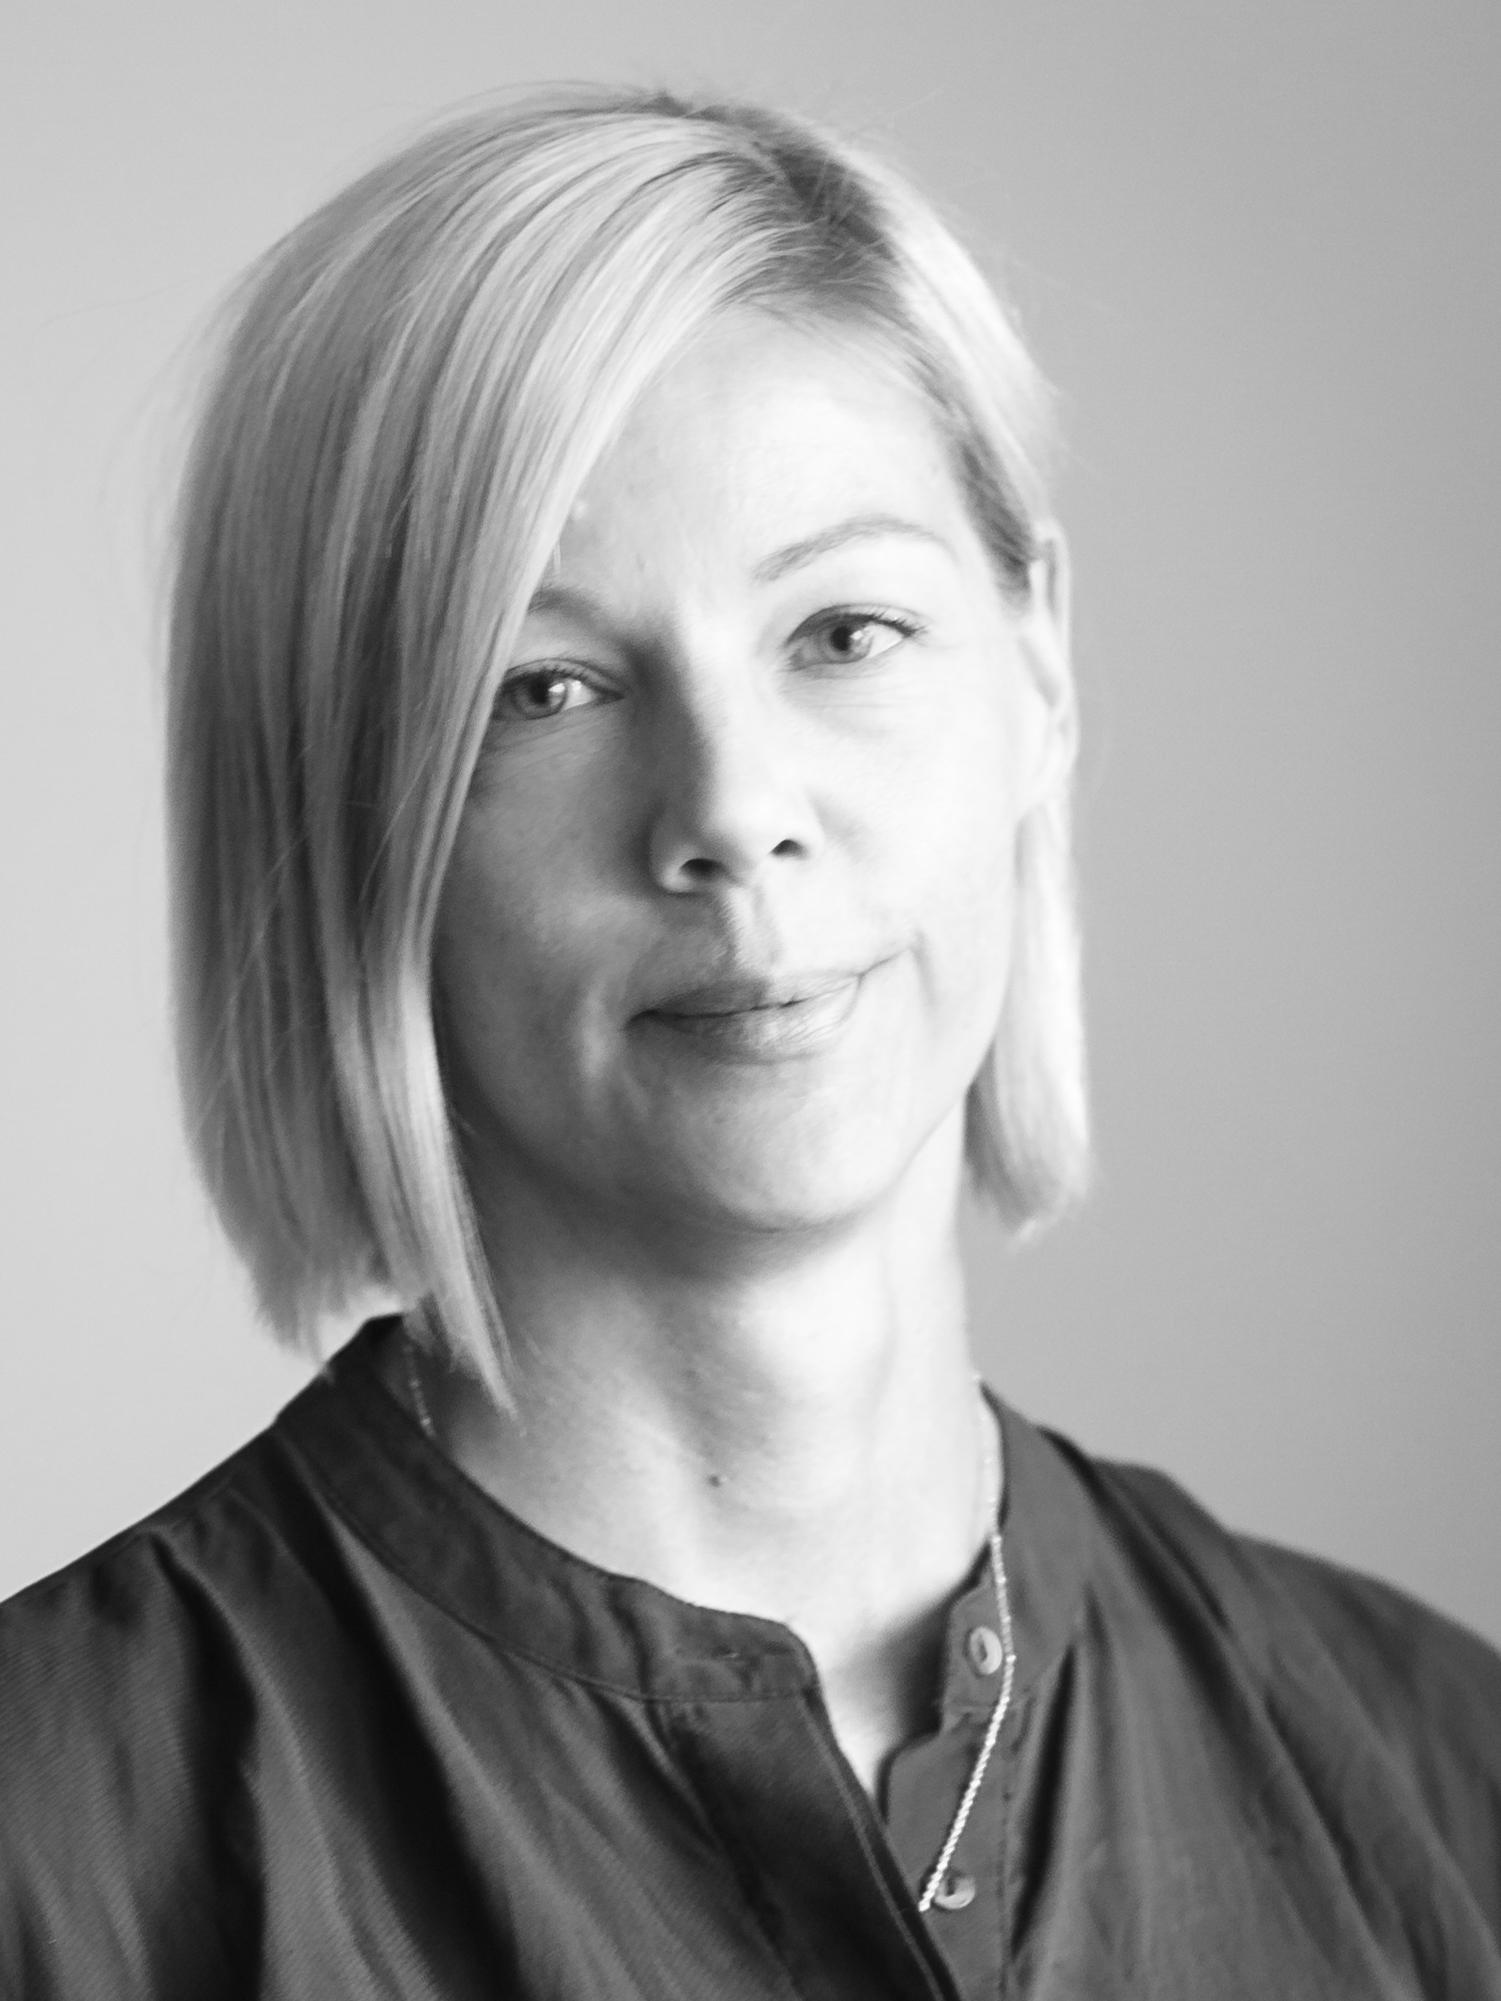 Nina Virkkala - Nina är Resilient Yoga & Movements grundare, vid sidan av sitt jobb som ekonomichef. Hon är Viryayogalärare (RYT-200) och har en påbyggnad som Virya Rehabyogalärare som en del i sin kommande 500-timmarscertifiering hos Nordiska Yogainstitutet. Ninas yogautövande bottnar i mångåriga ryggproblem, så hon har ett särskilt intresse för smärtforskning och hur rörelse, kroppsmedvetenhet och andning kan både förebygga och rehabilitera långvarig smärta.